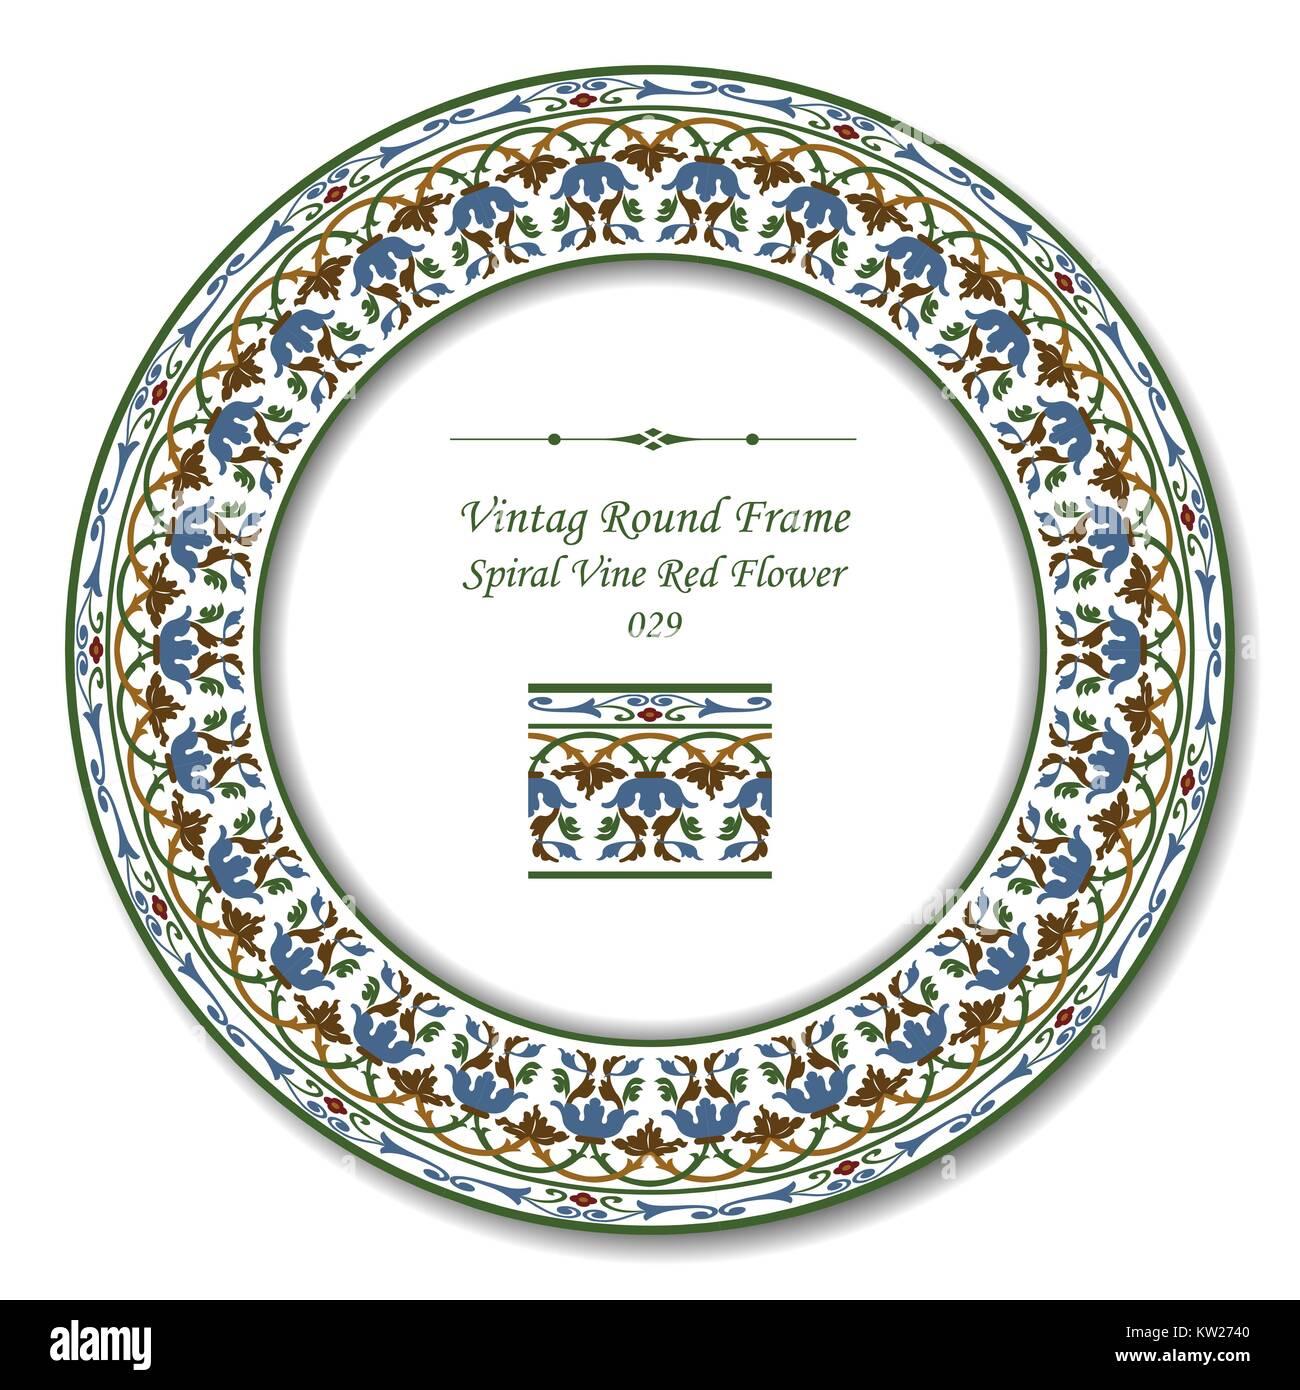 Vintage Round Retro Frame of Botanic Garden Spiral Vine Red Flower Stock Vector